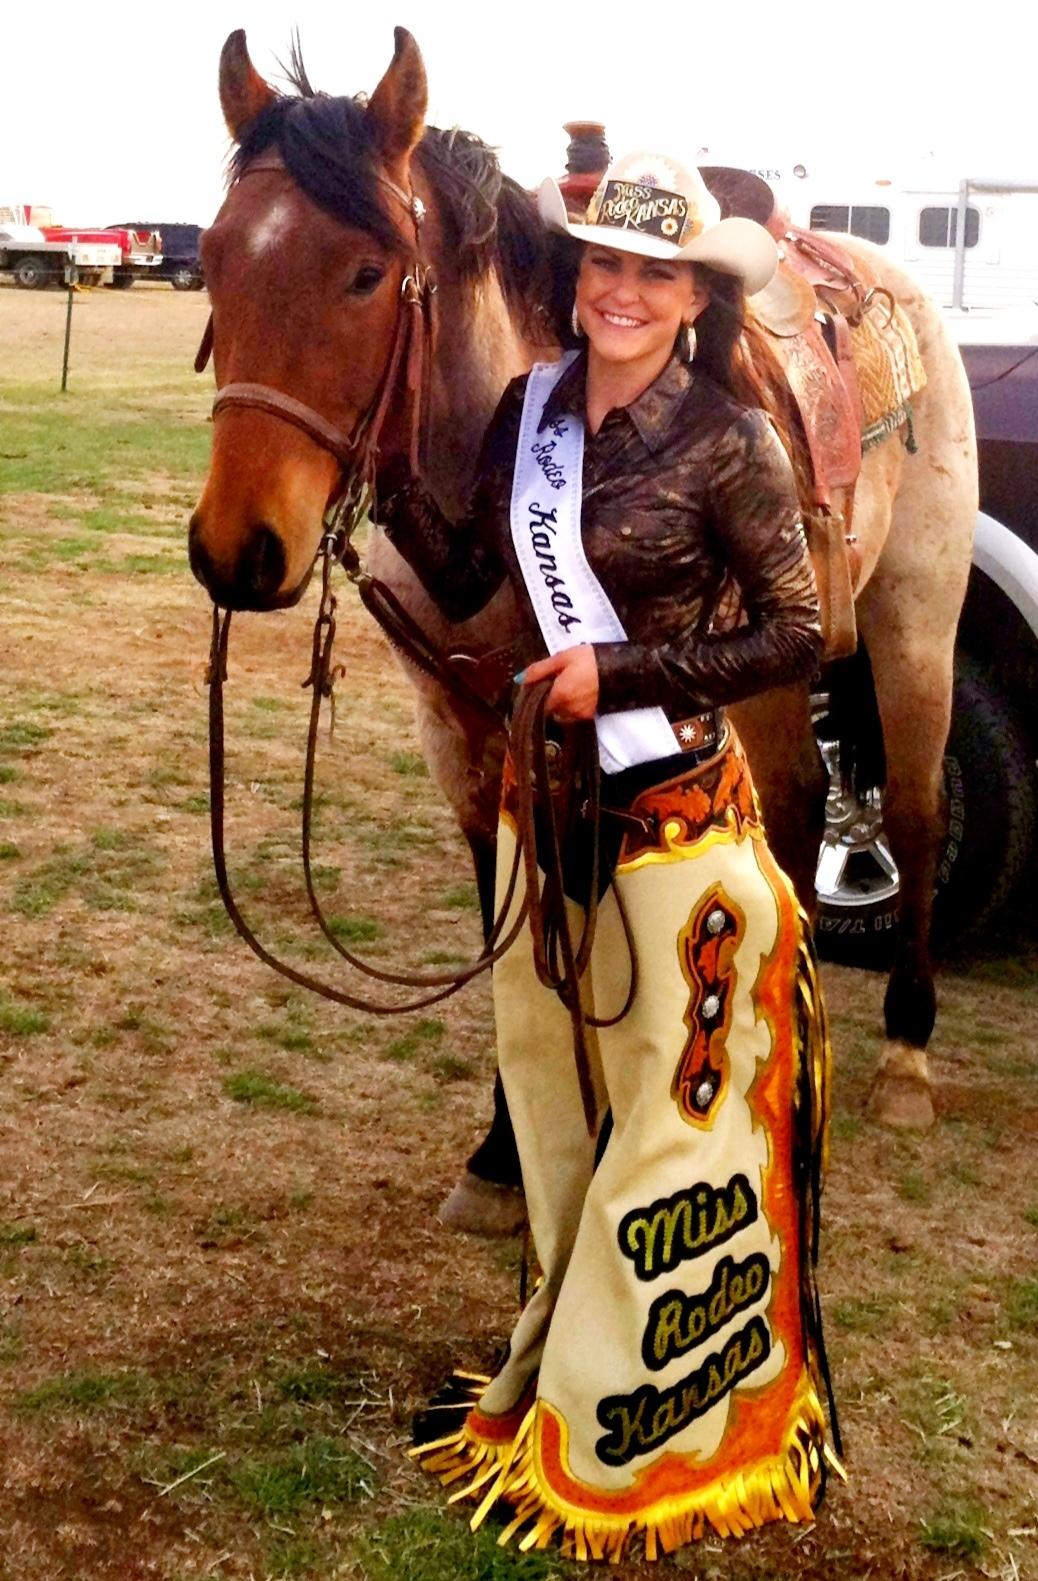 Miss Rodeo Kansas 2013 September 2013